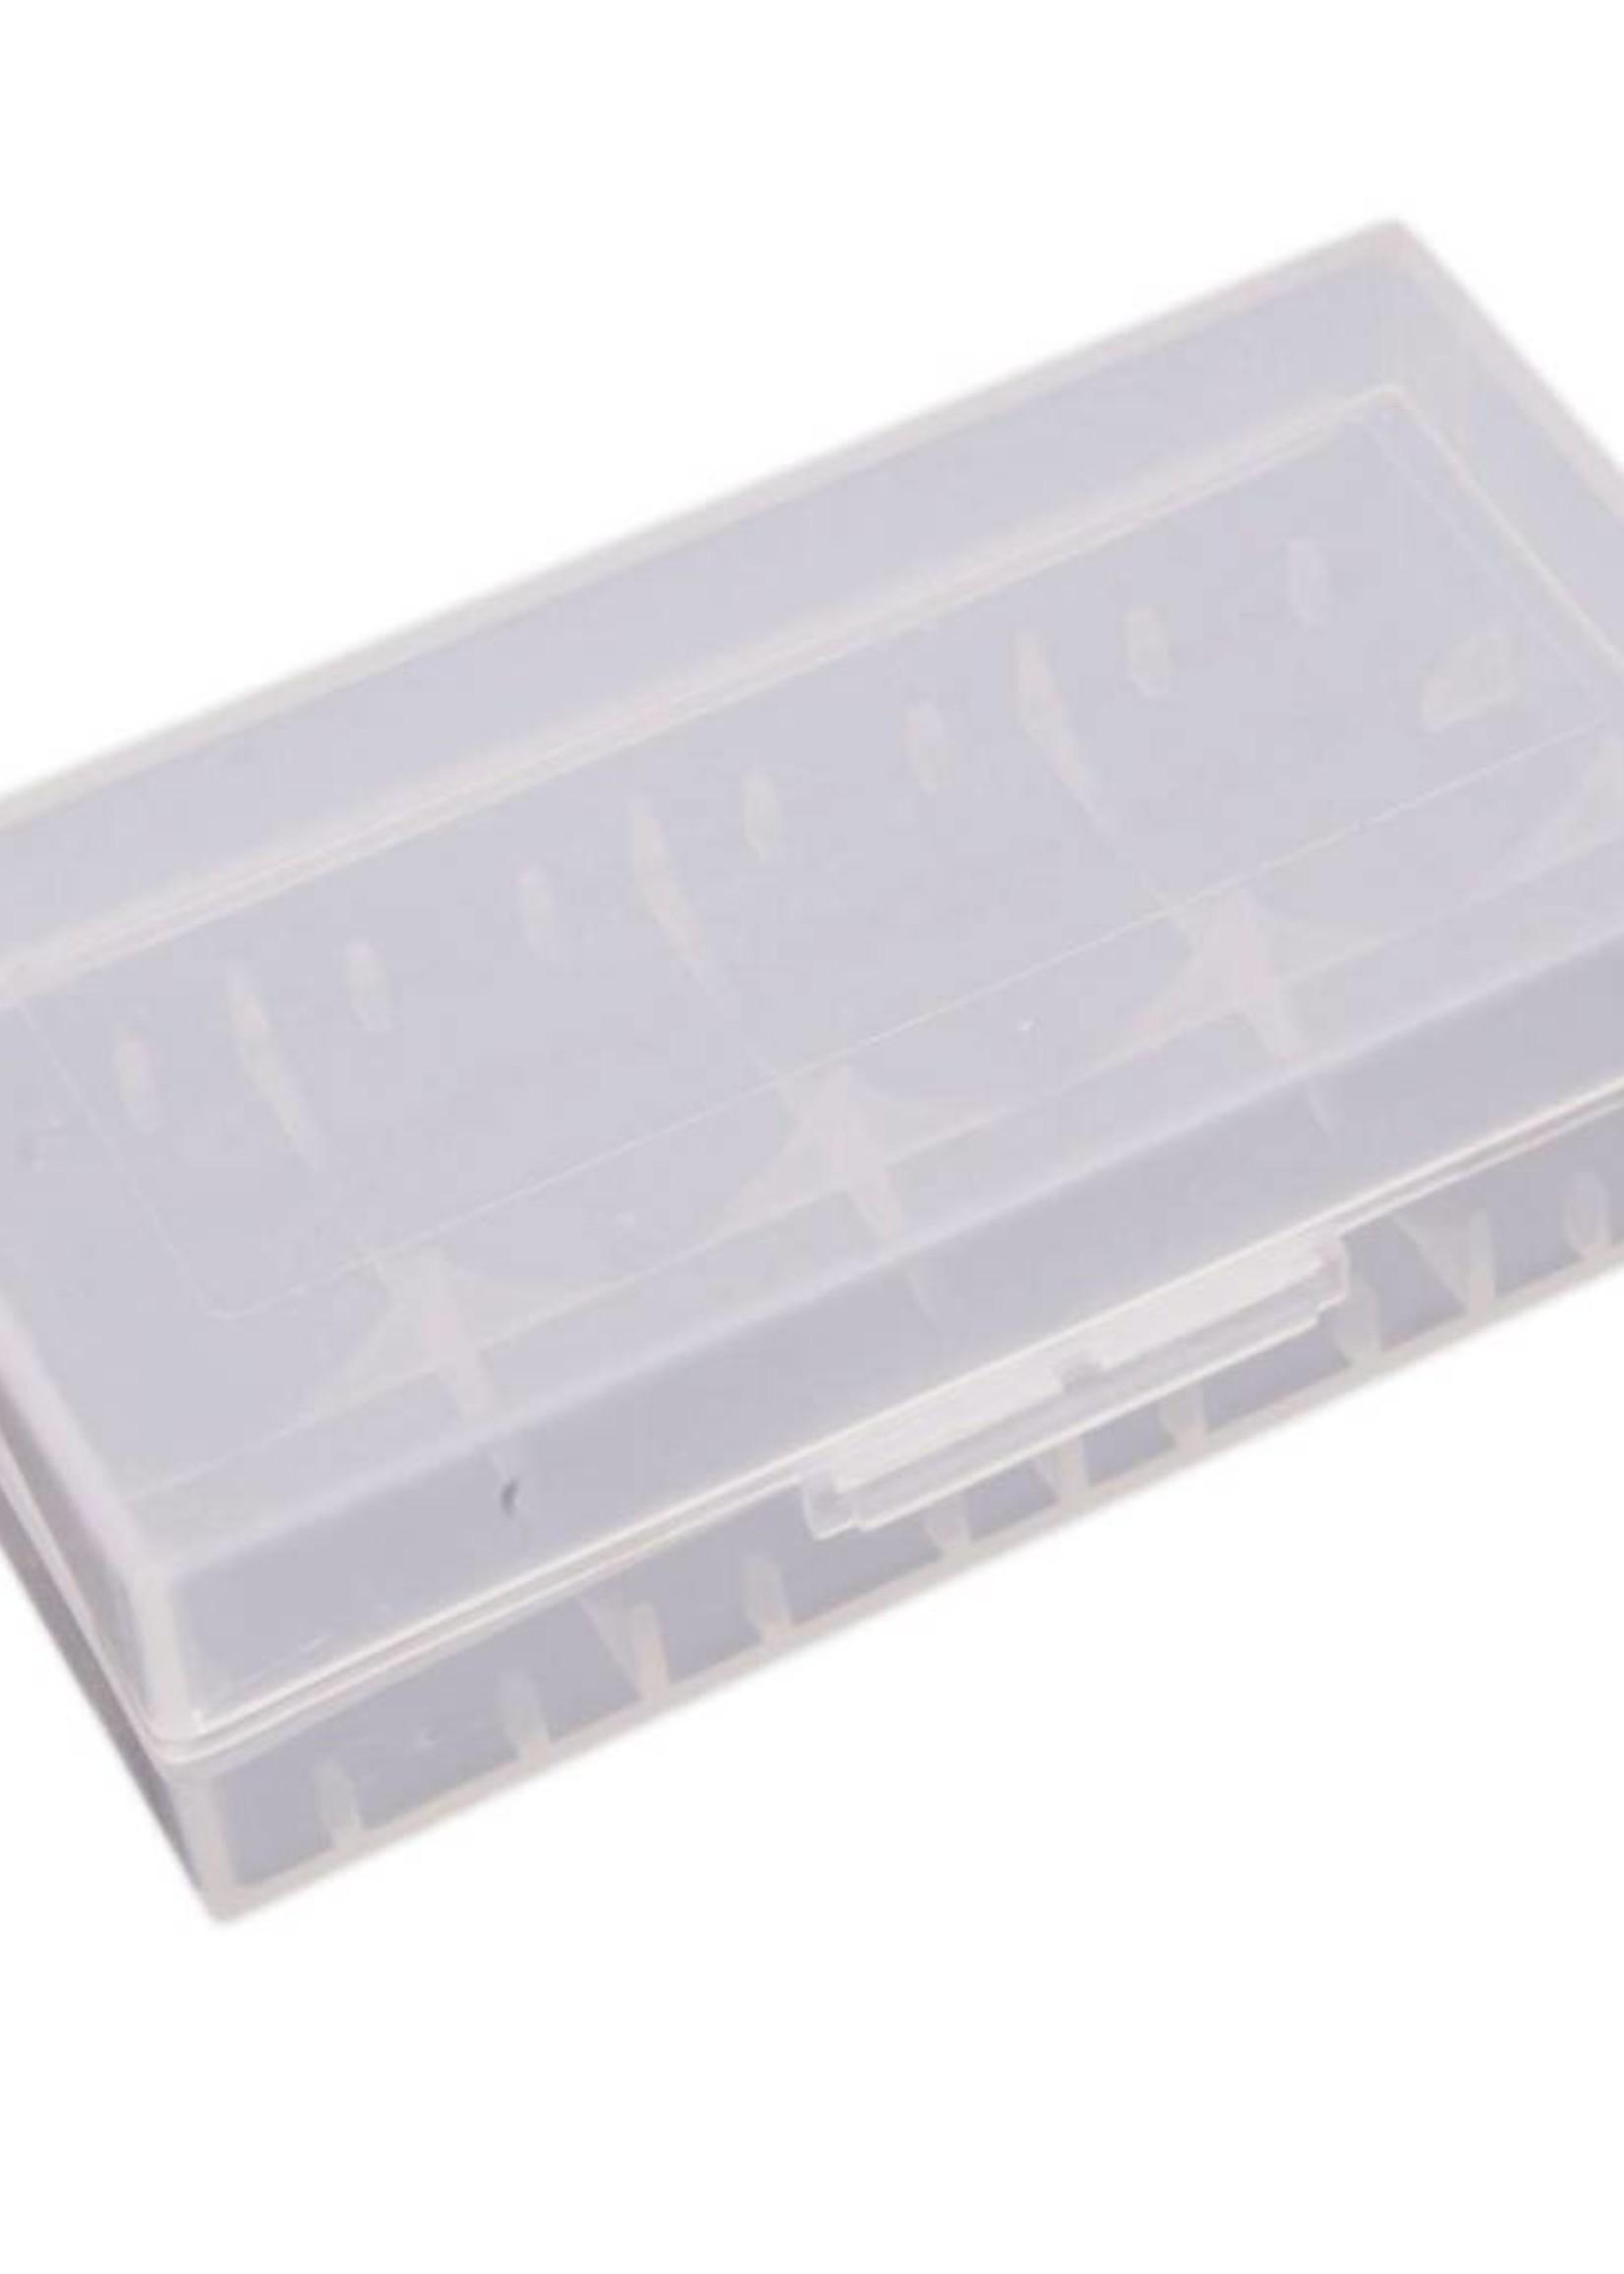 battery case 18650 Battery Case